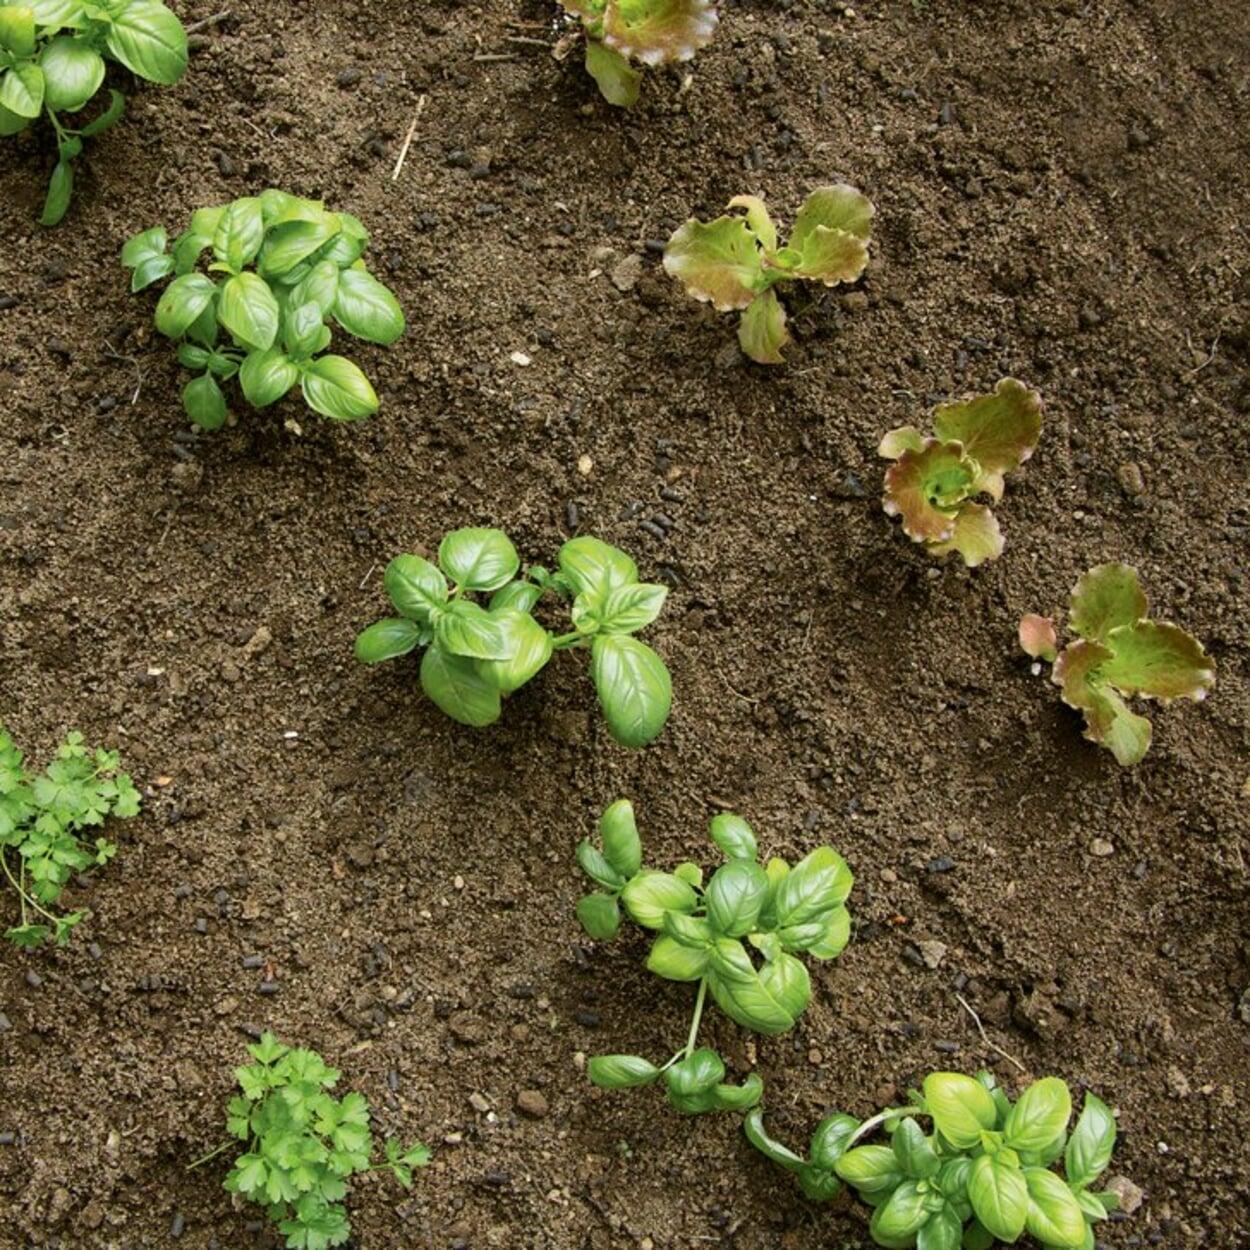 Gemüse- und Kräuterjungpflanzen in Reihen gepflanzt